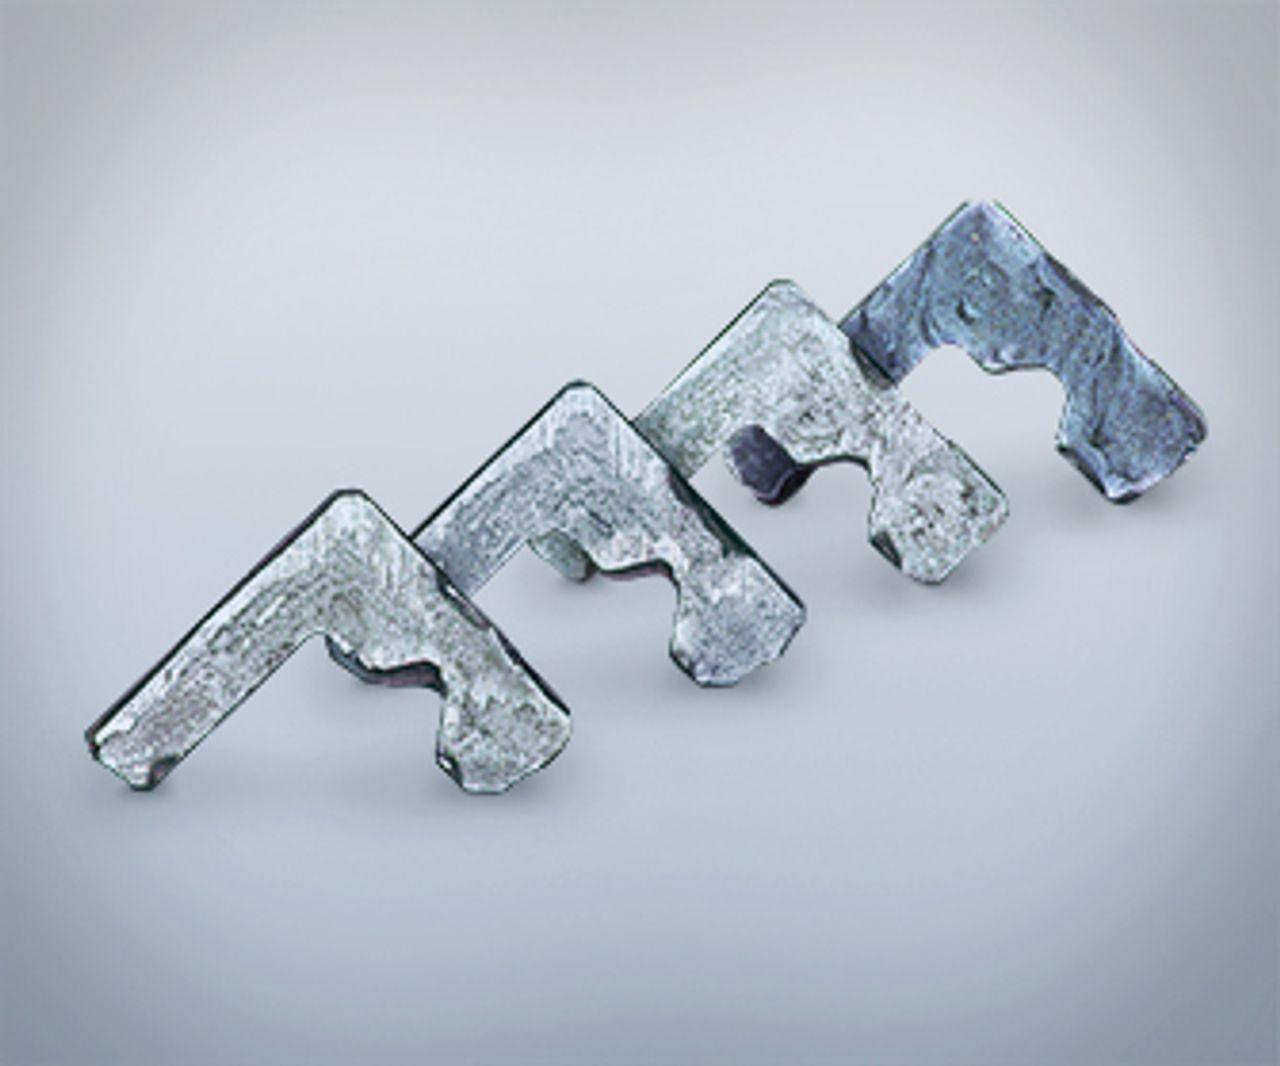 Vier Stahlprofile auf grauem Hintergrund